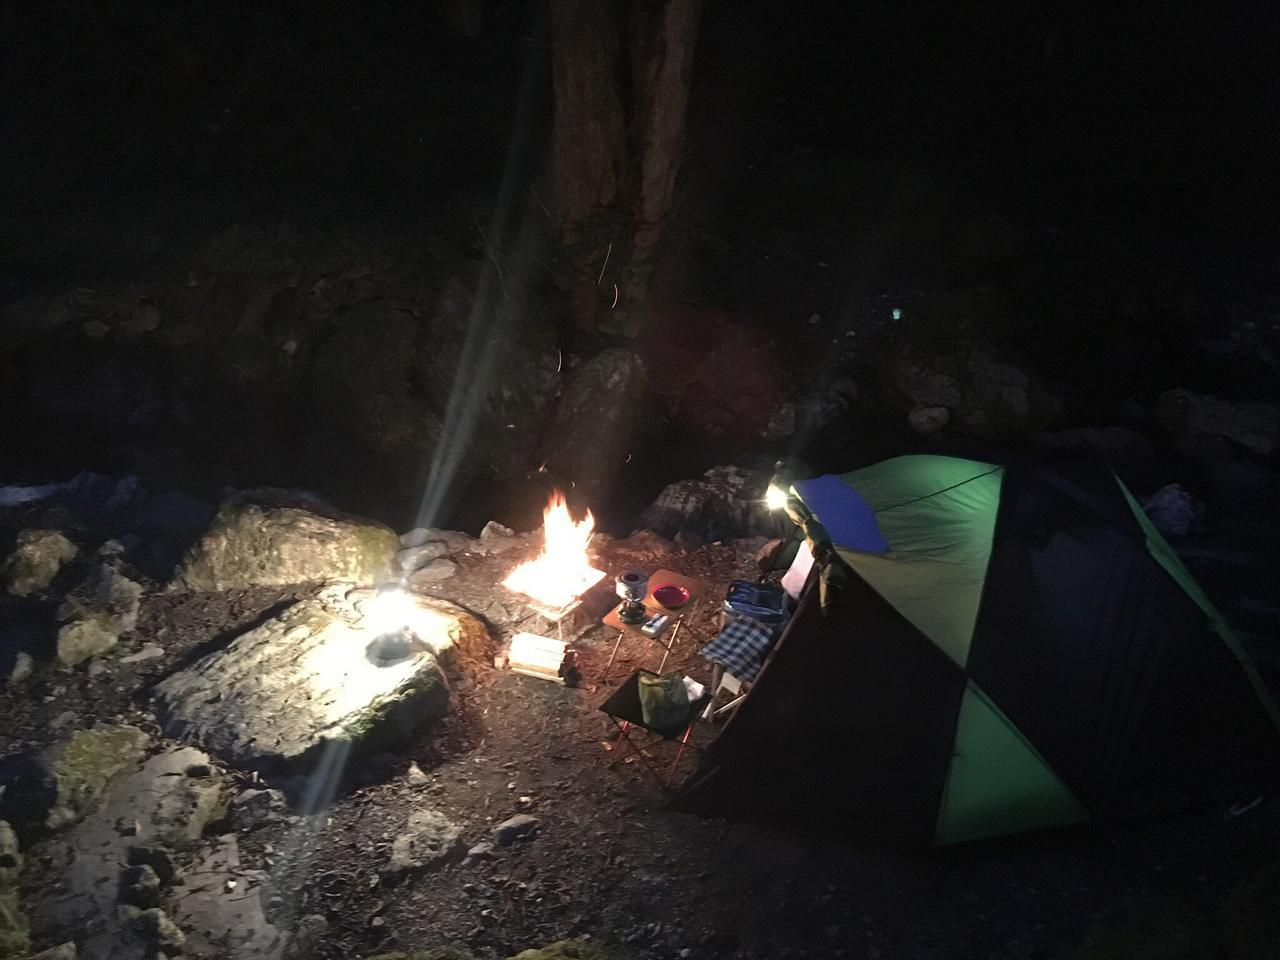 画像: 【初心者必見】ソロキャンプに必要な持ち物リスト 道具の選び方&厳選グッズ4選 - ハピキャン(HAPPY CAMPER)